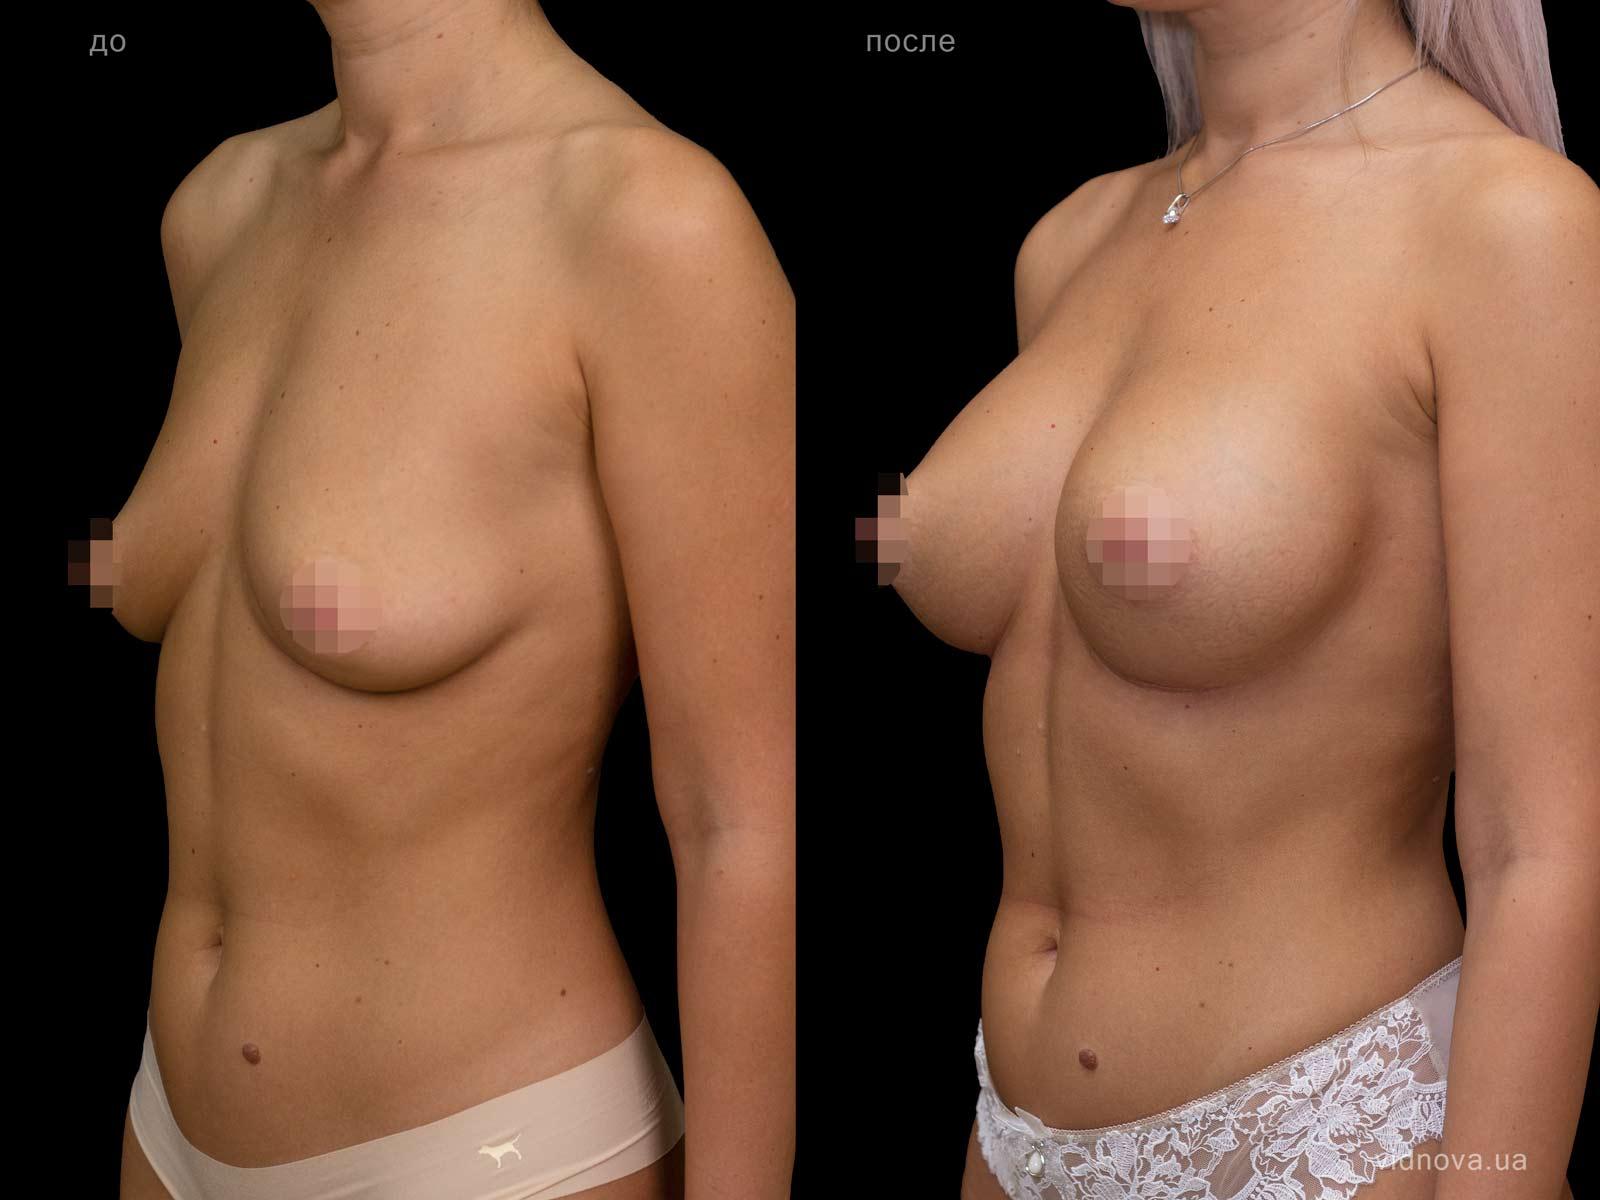 Пластика груди: результаты до и после - Пример №129-2 - Светлана Работенко